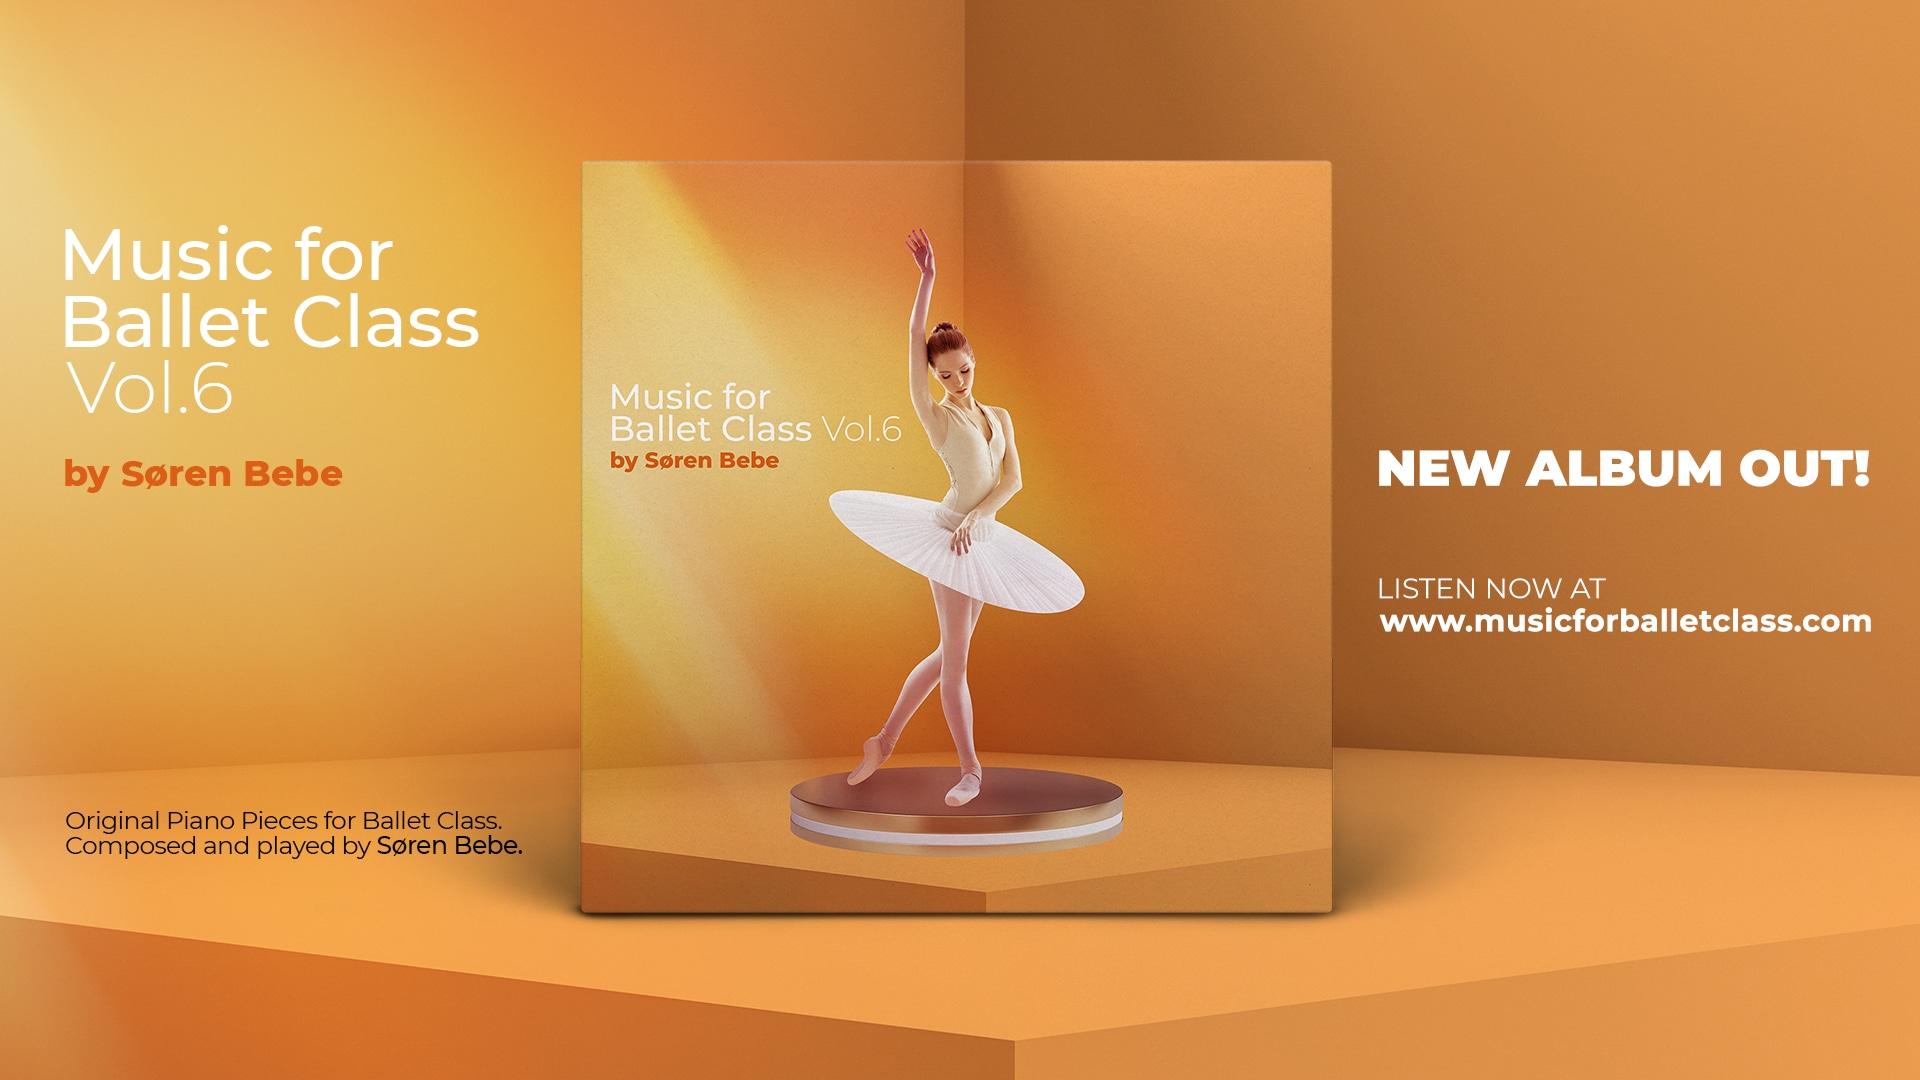 music for ballet class vol.6